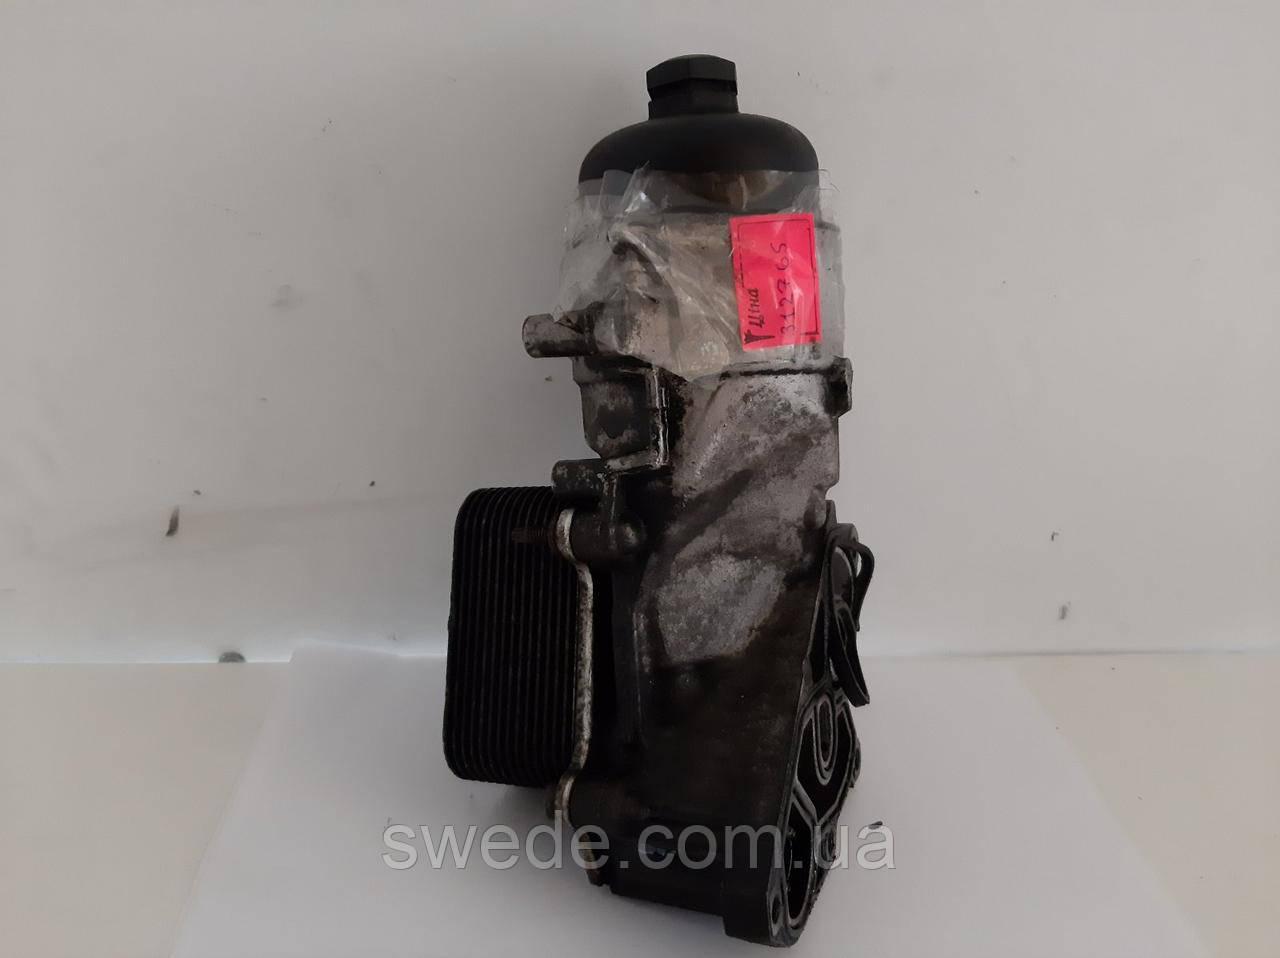 Корпус масляного фильтра Peugeot 308 1.6 HDI 2007-2013 гг 312765